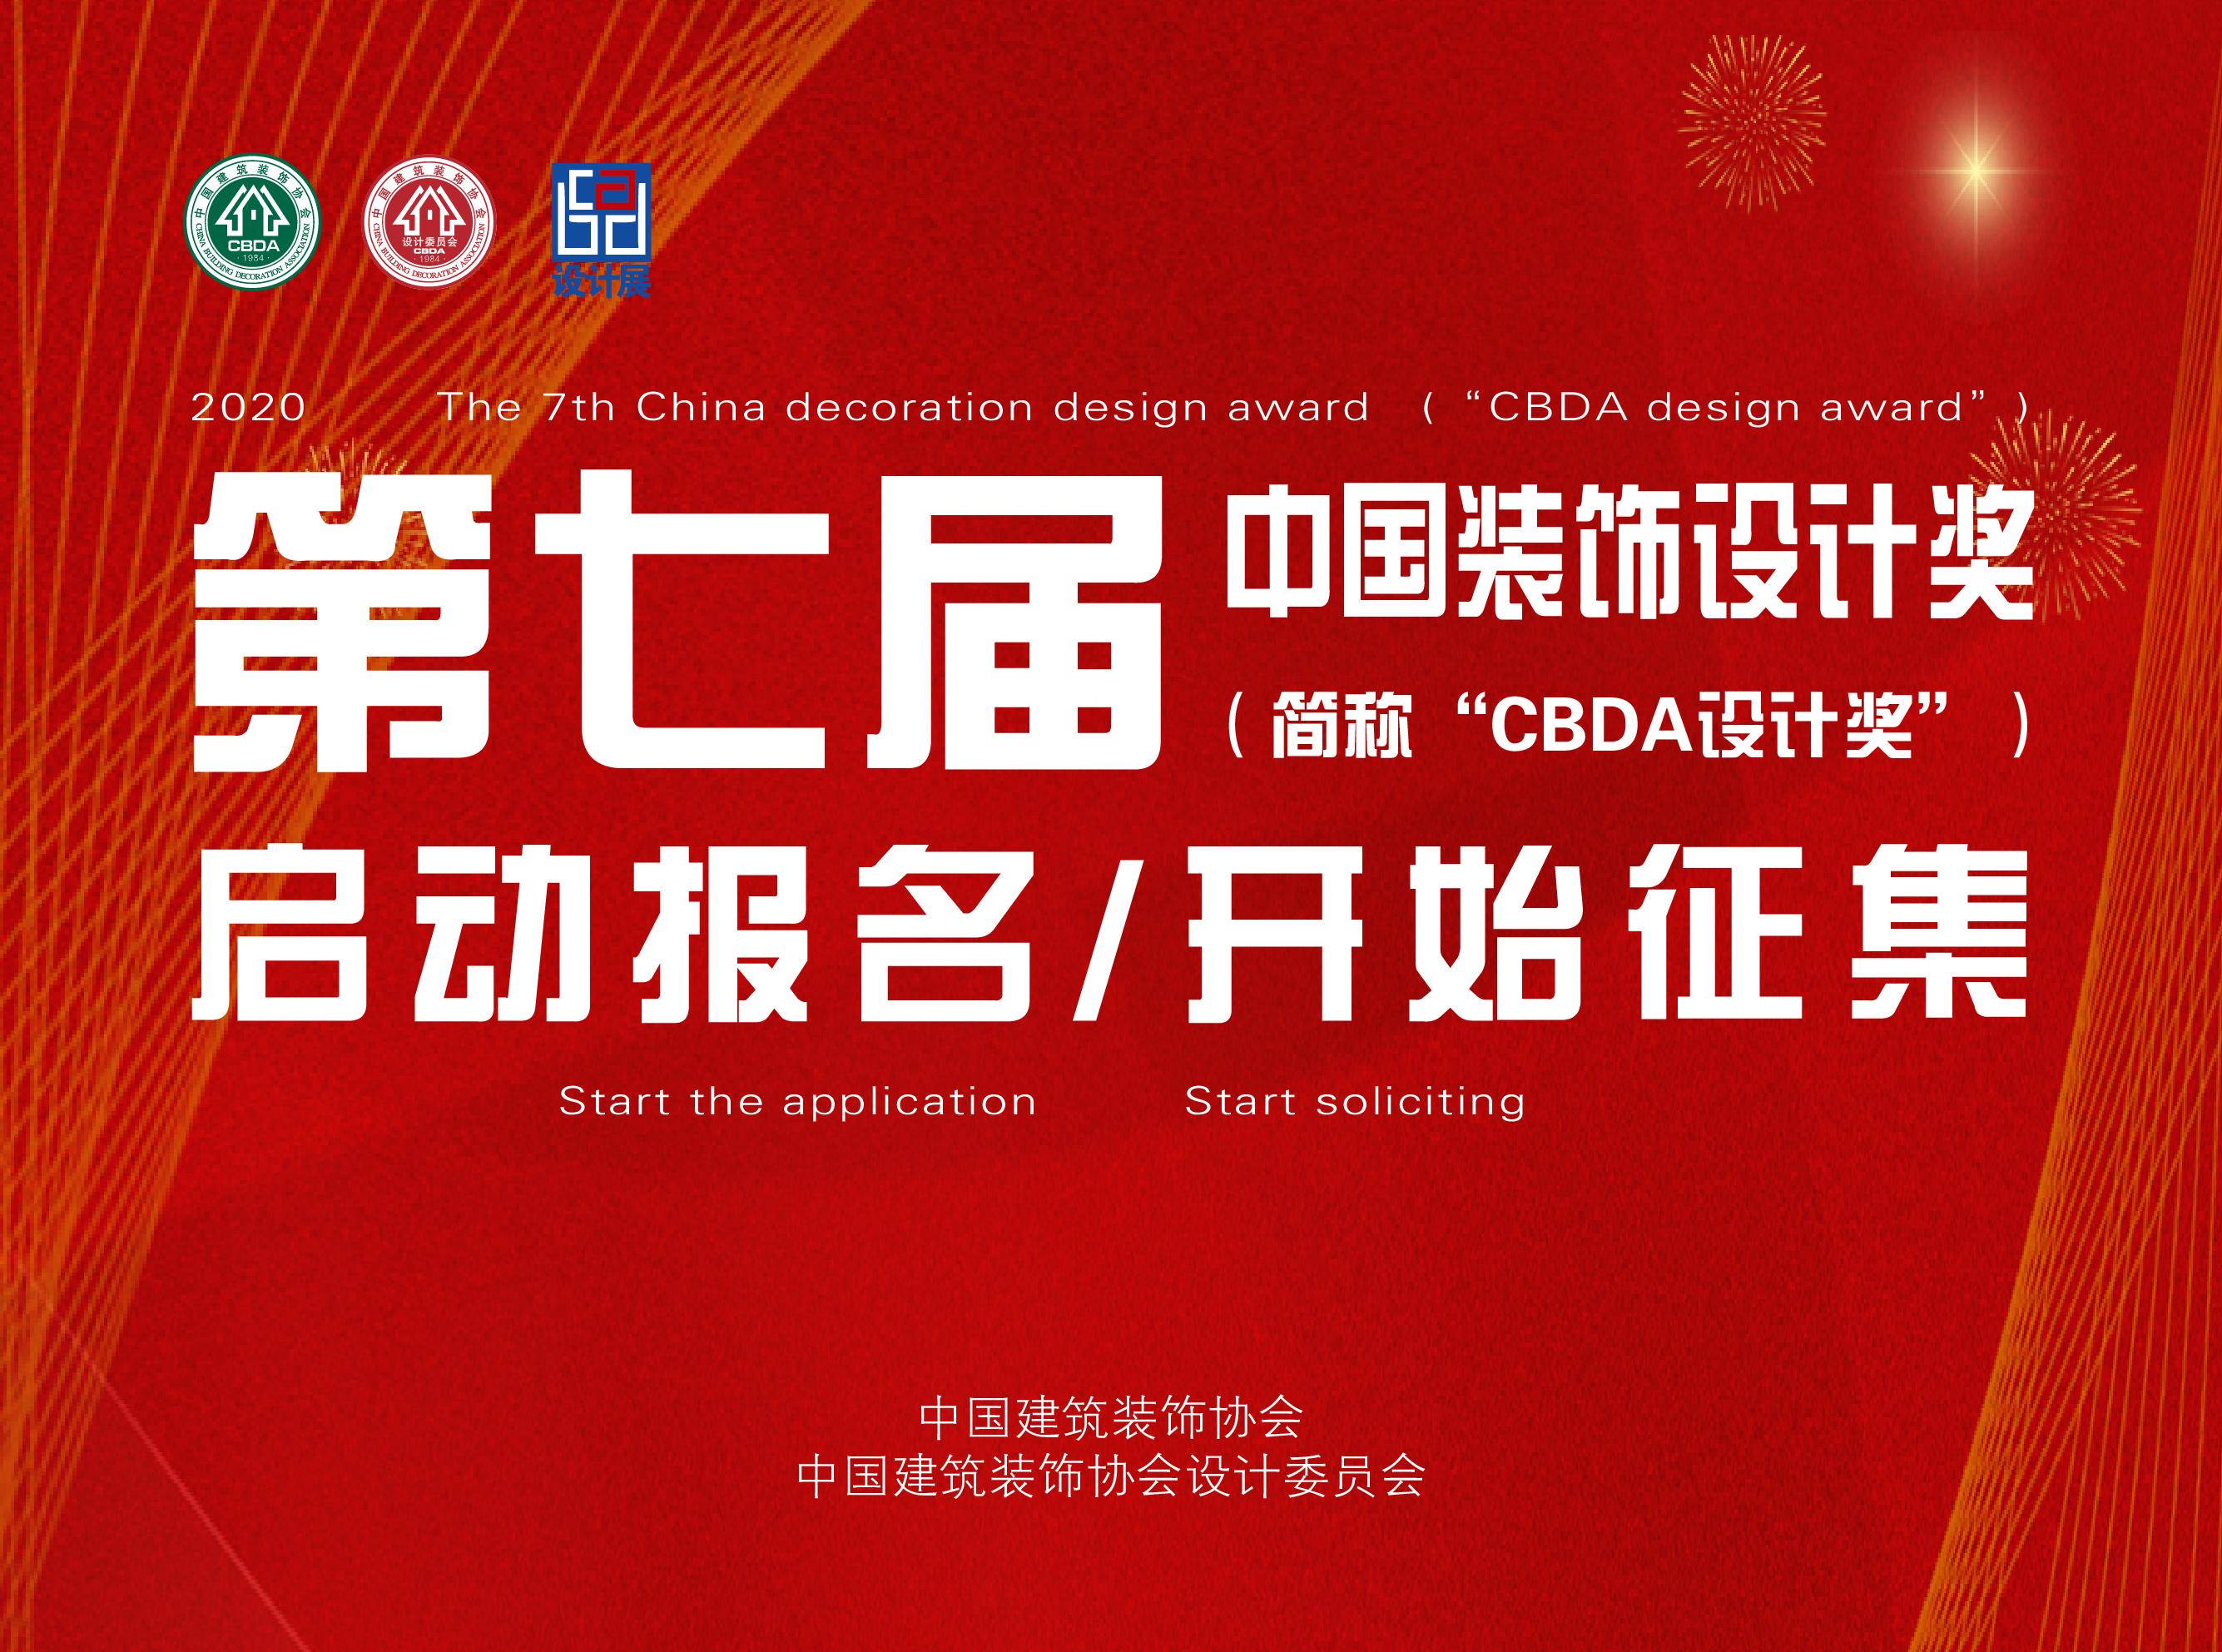 """第七届中国装饰设计奖(简称""""CBDA设计奖"""")启动报名/开始征集"""